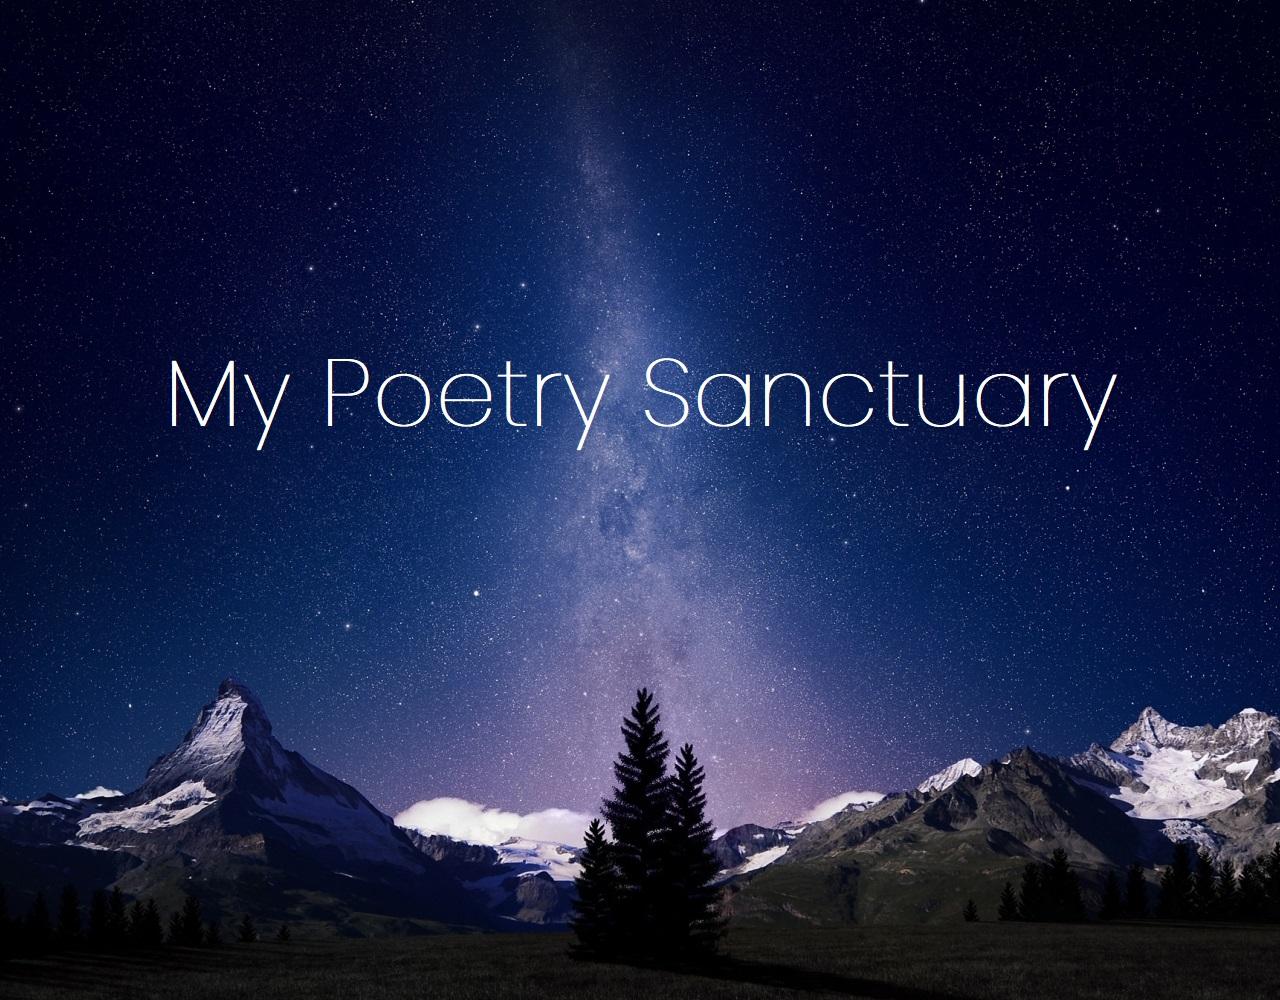 My Poetry Sanctuary